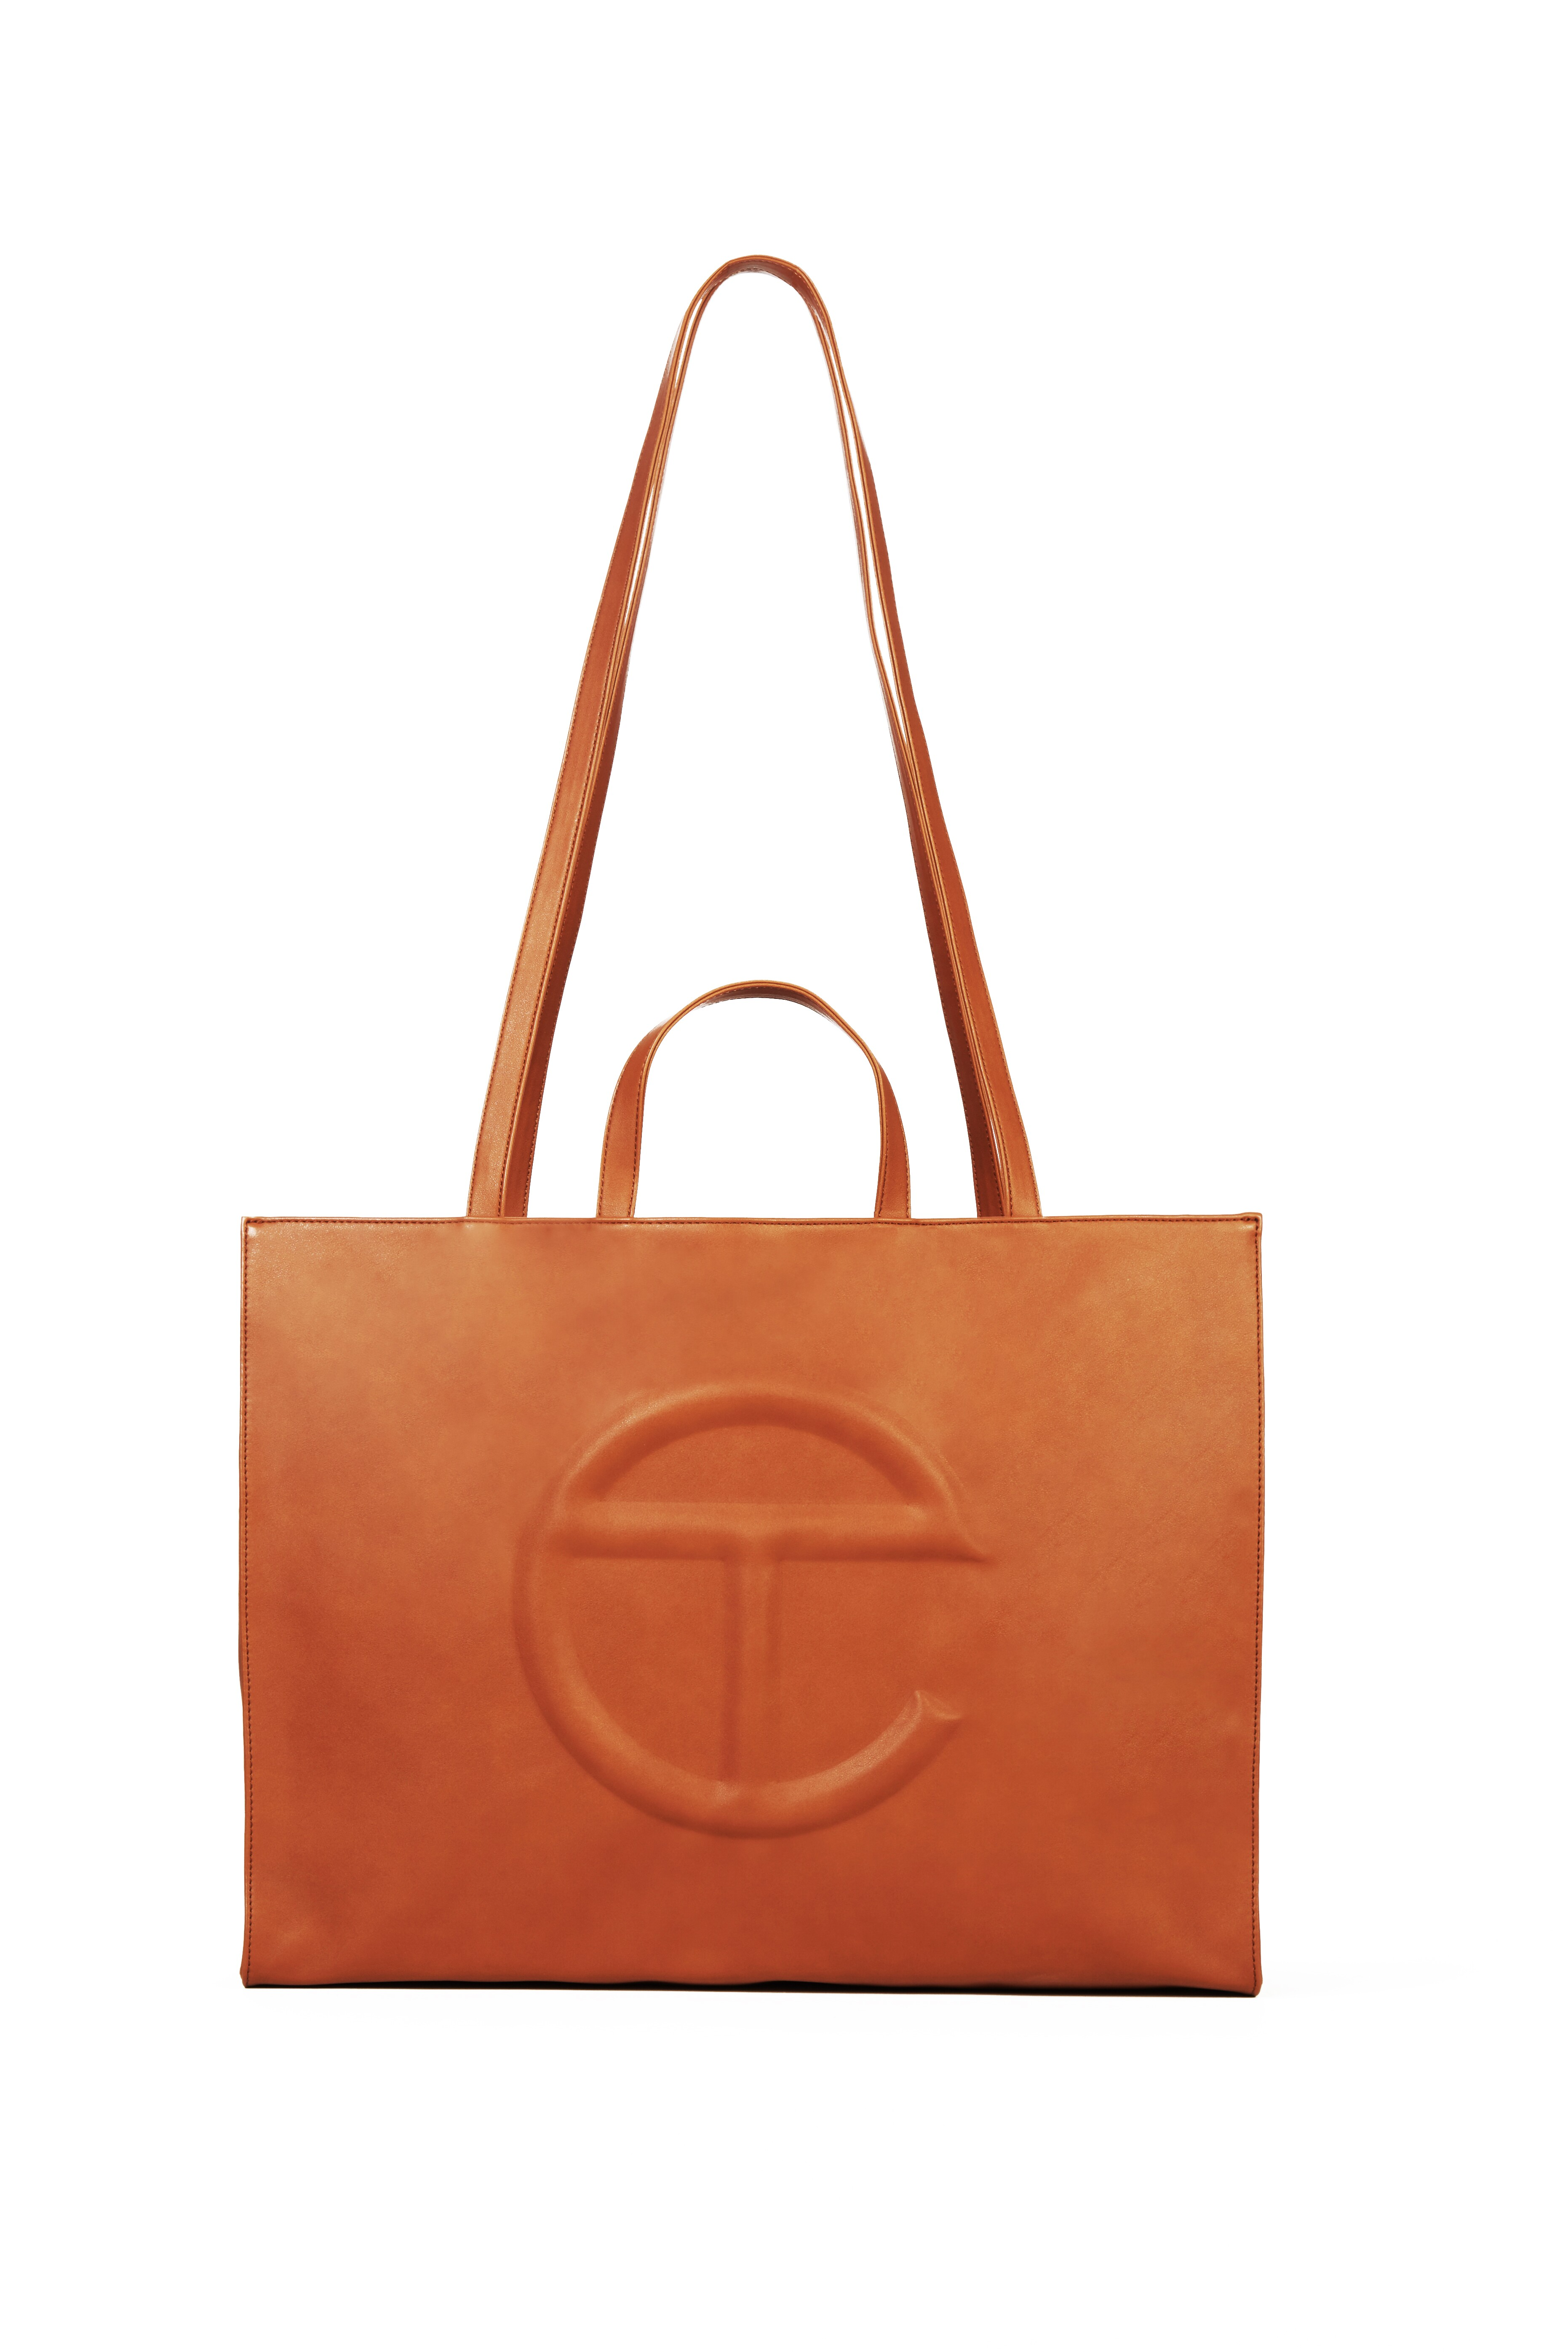 Telaf_Bag_large-brown.jpg